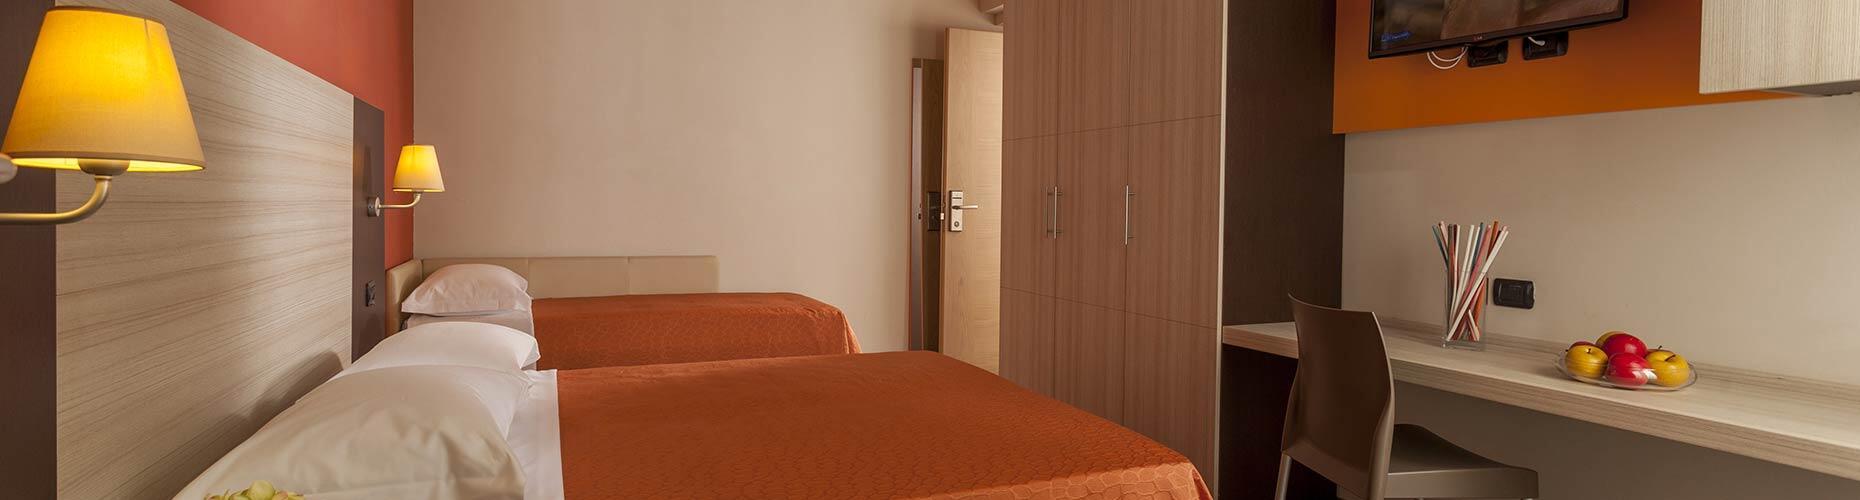 hotelauroramare it camere 003